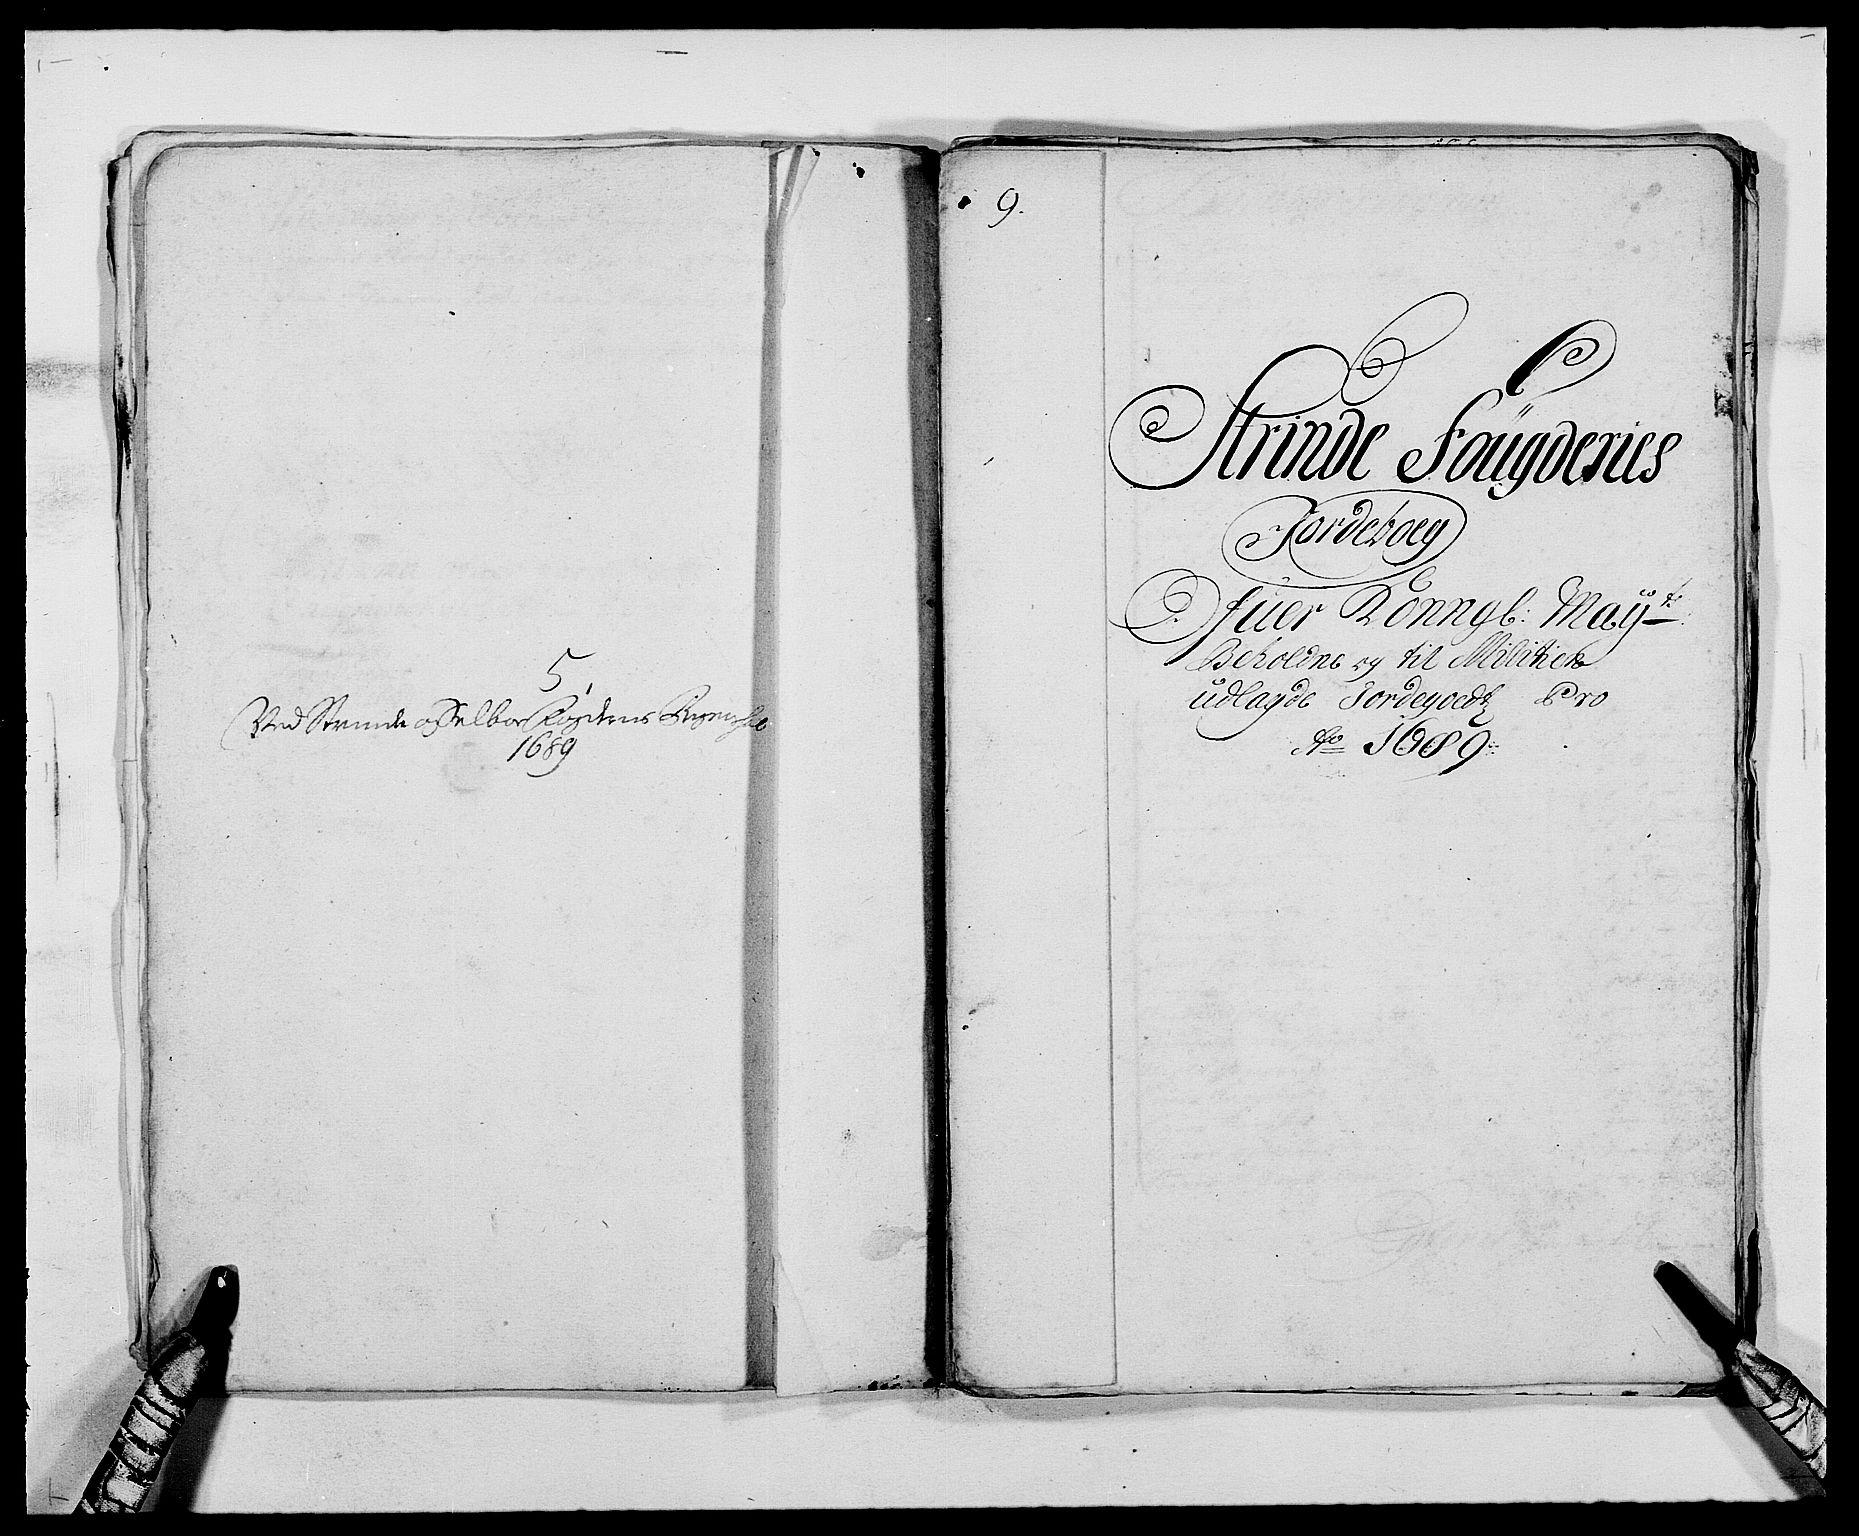 RA, Rentekammeret inntil 1814, Reviderte regnskaper, Fogderegnskap, R61/L4102: Fogderegnskap Strinda og Selbu, 1689-1690, s. 40